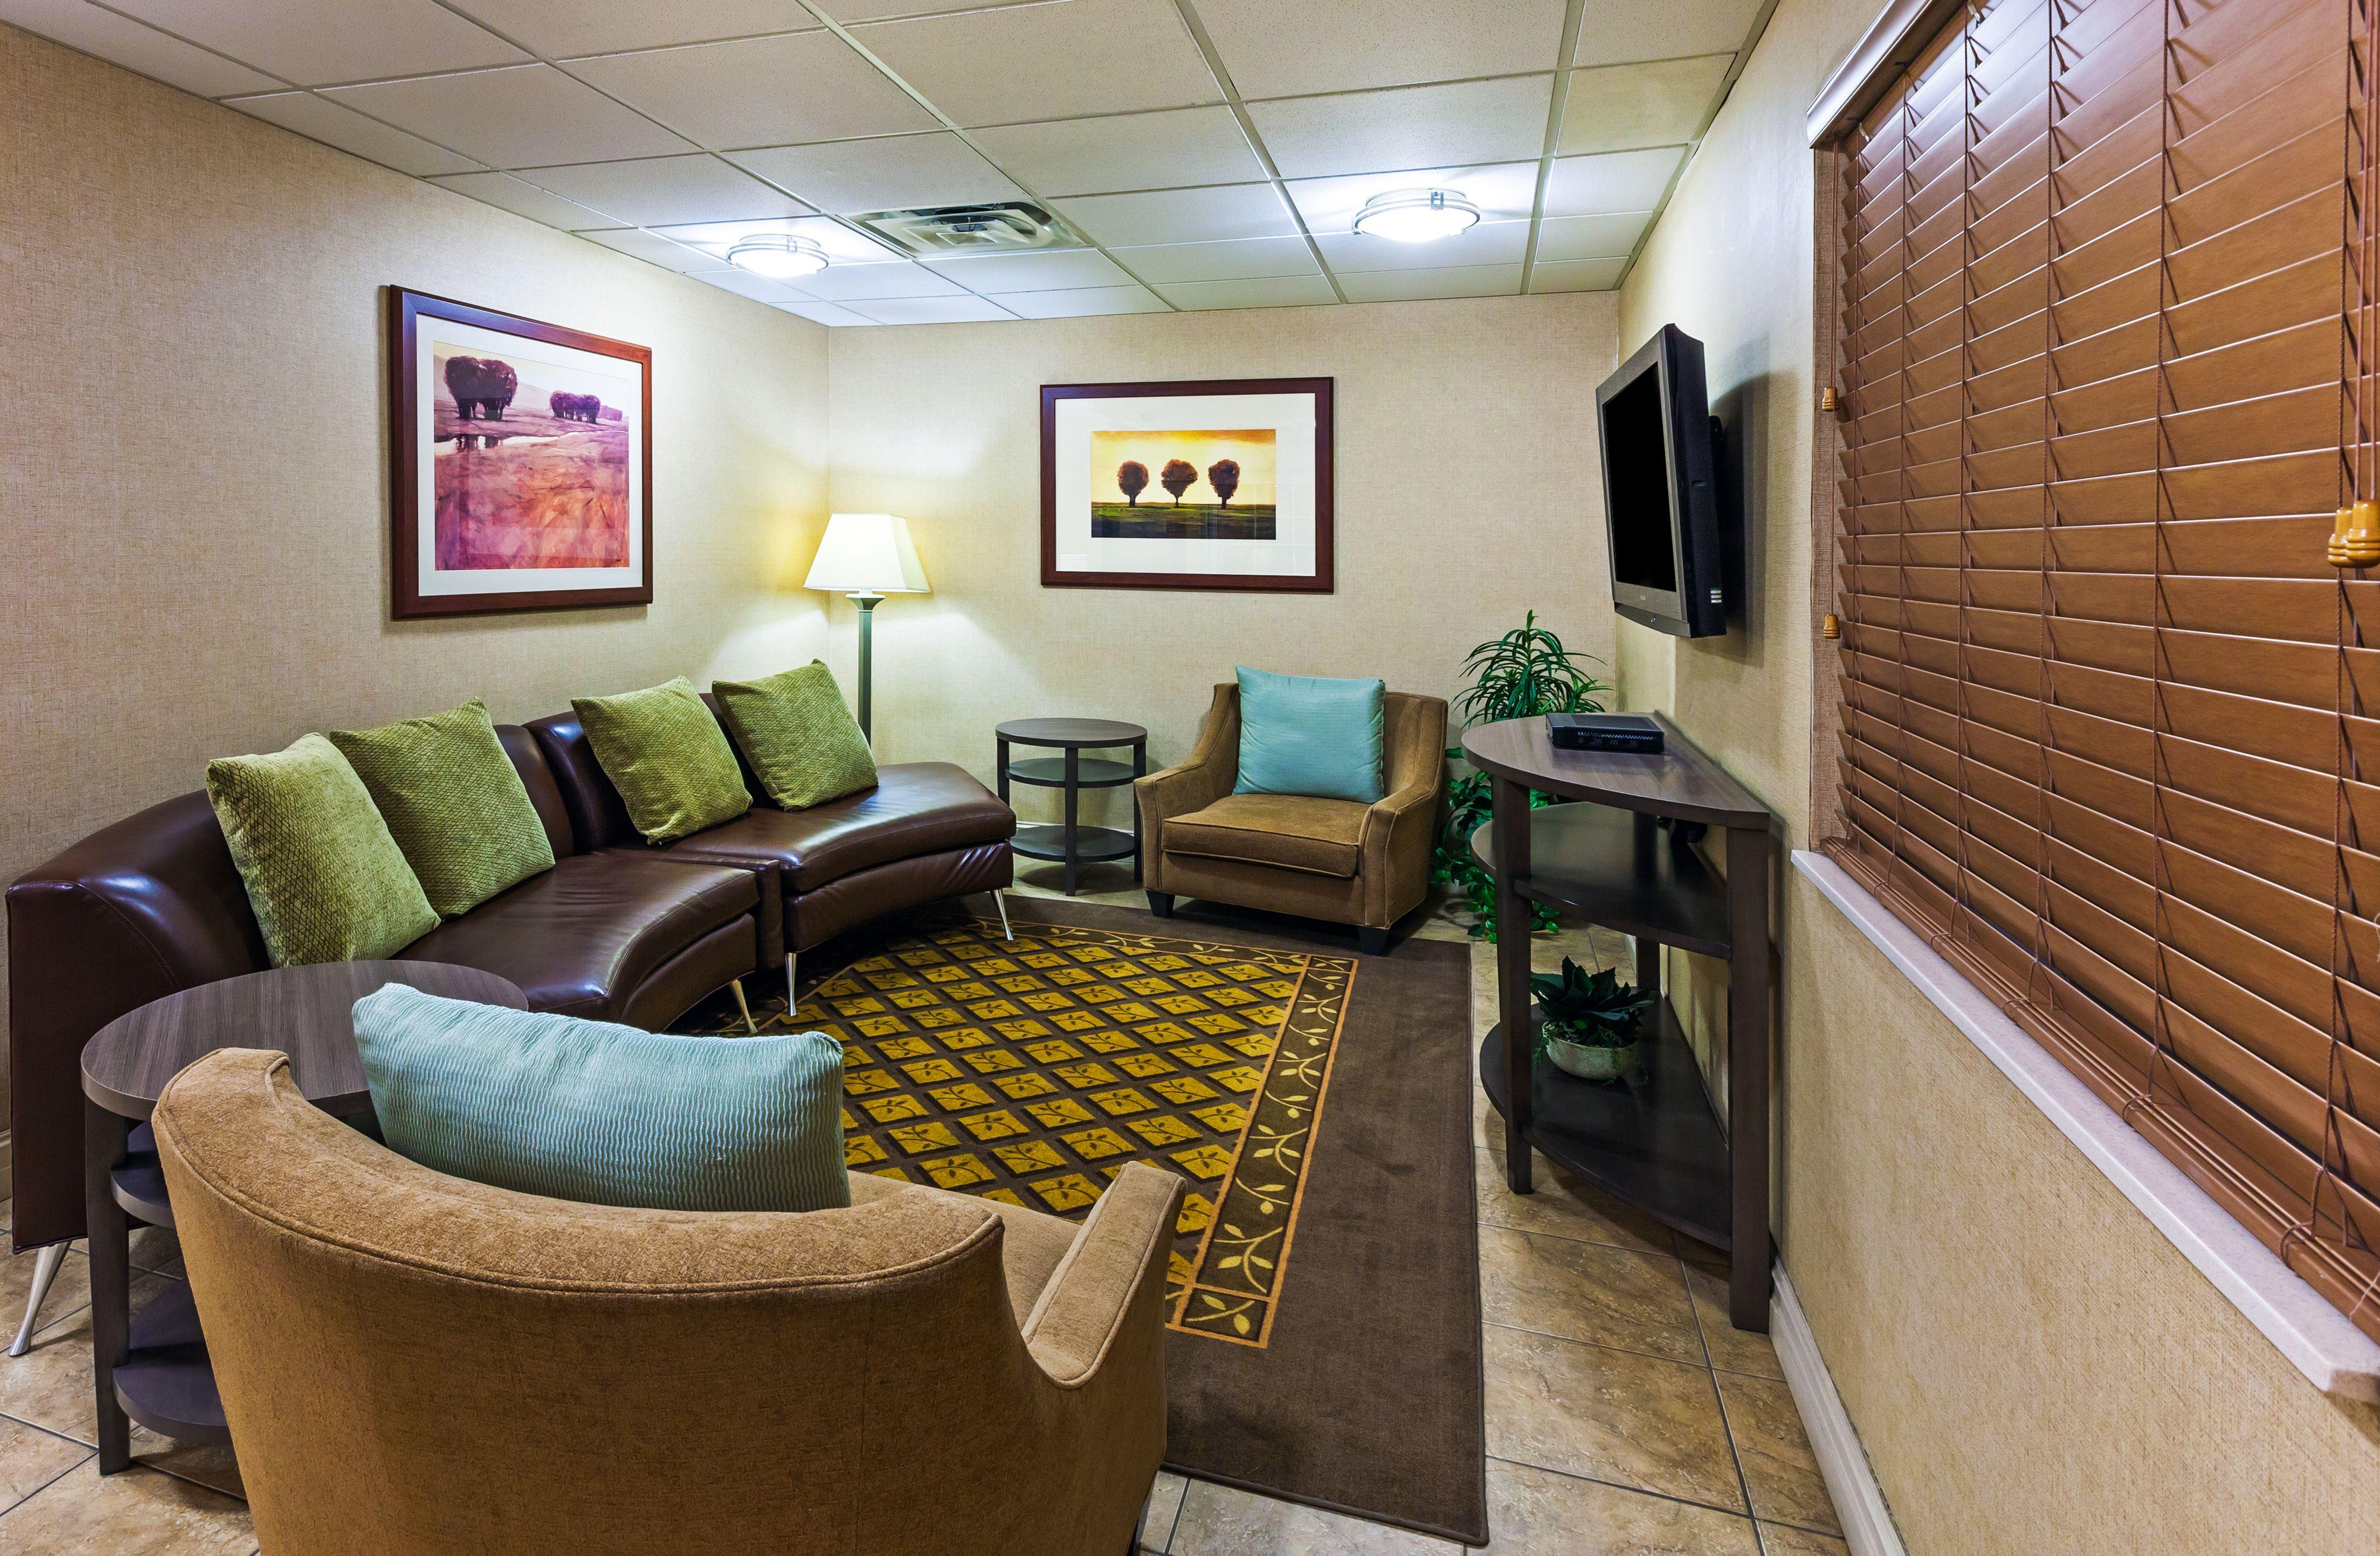 Candlewood Suites Owasso image 3